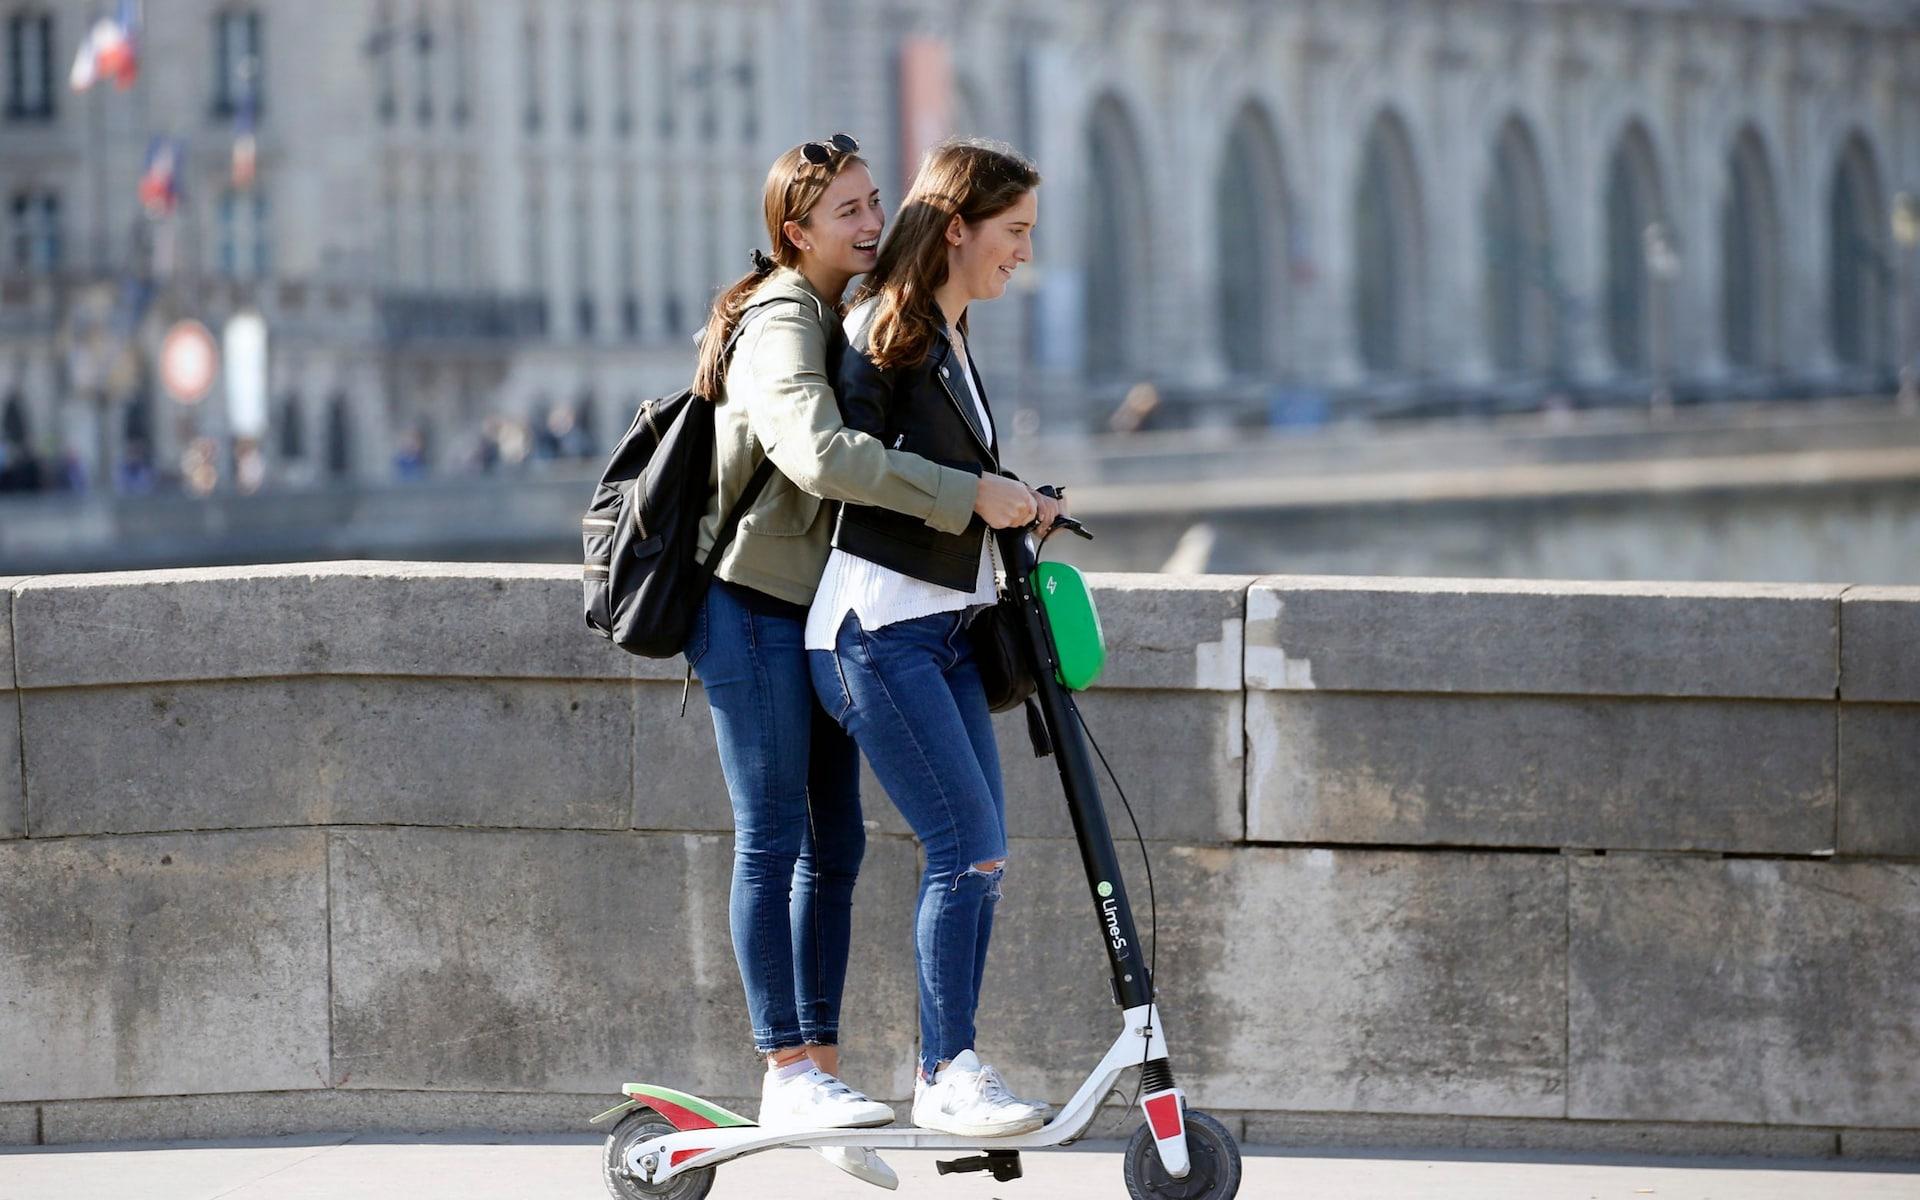 共享单车发展受阻 共享电动滑板车能有机会吗?